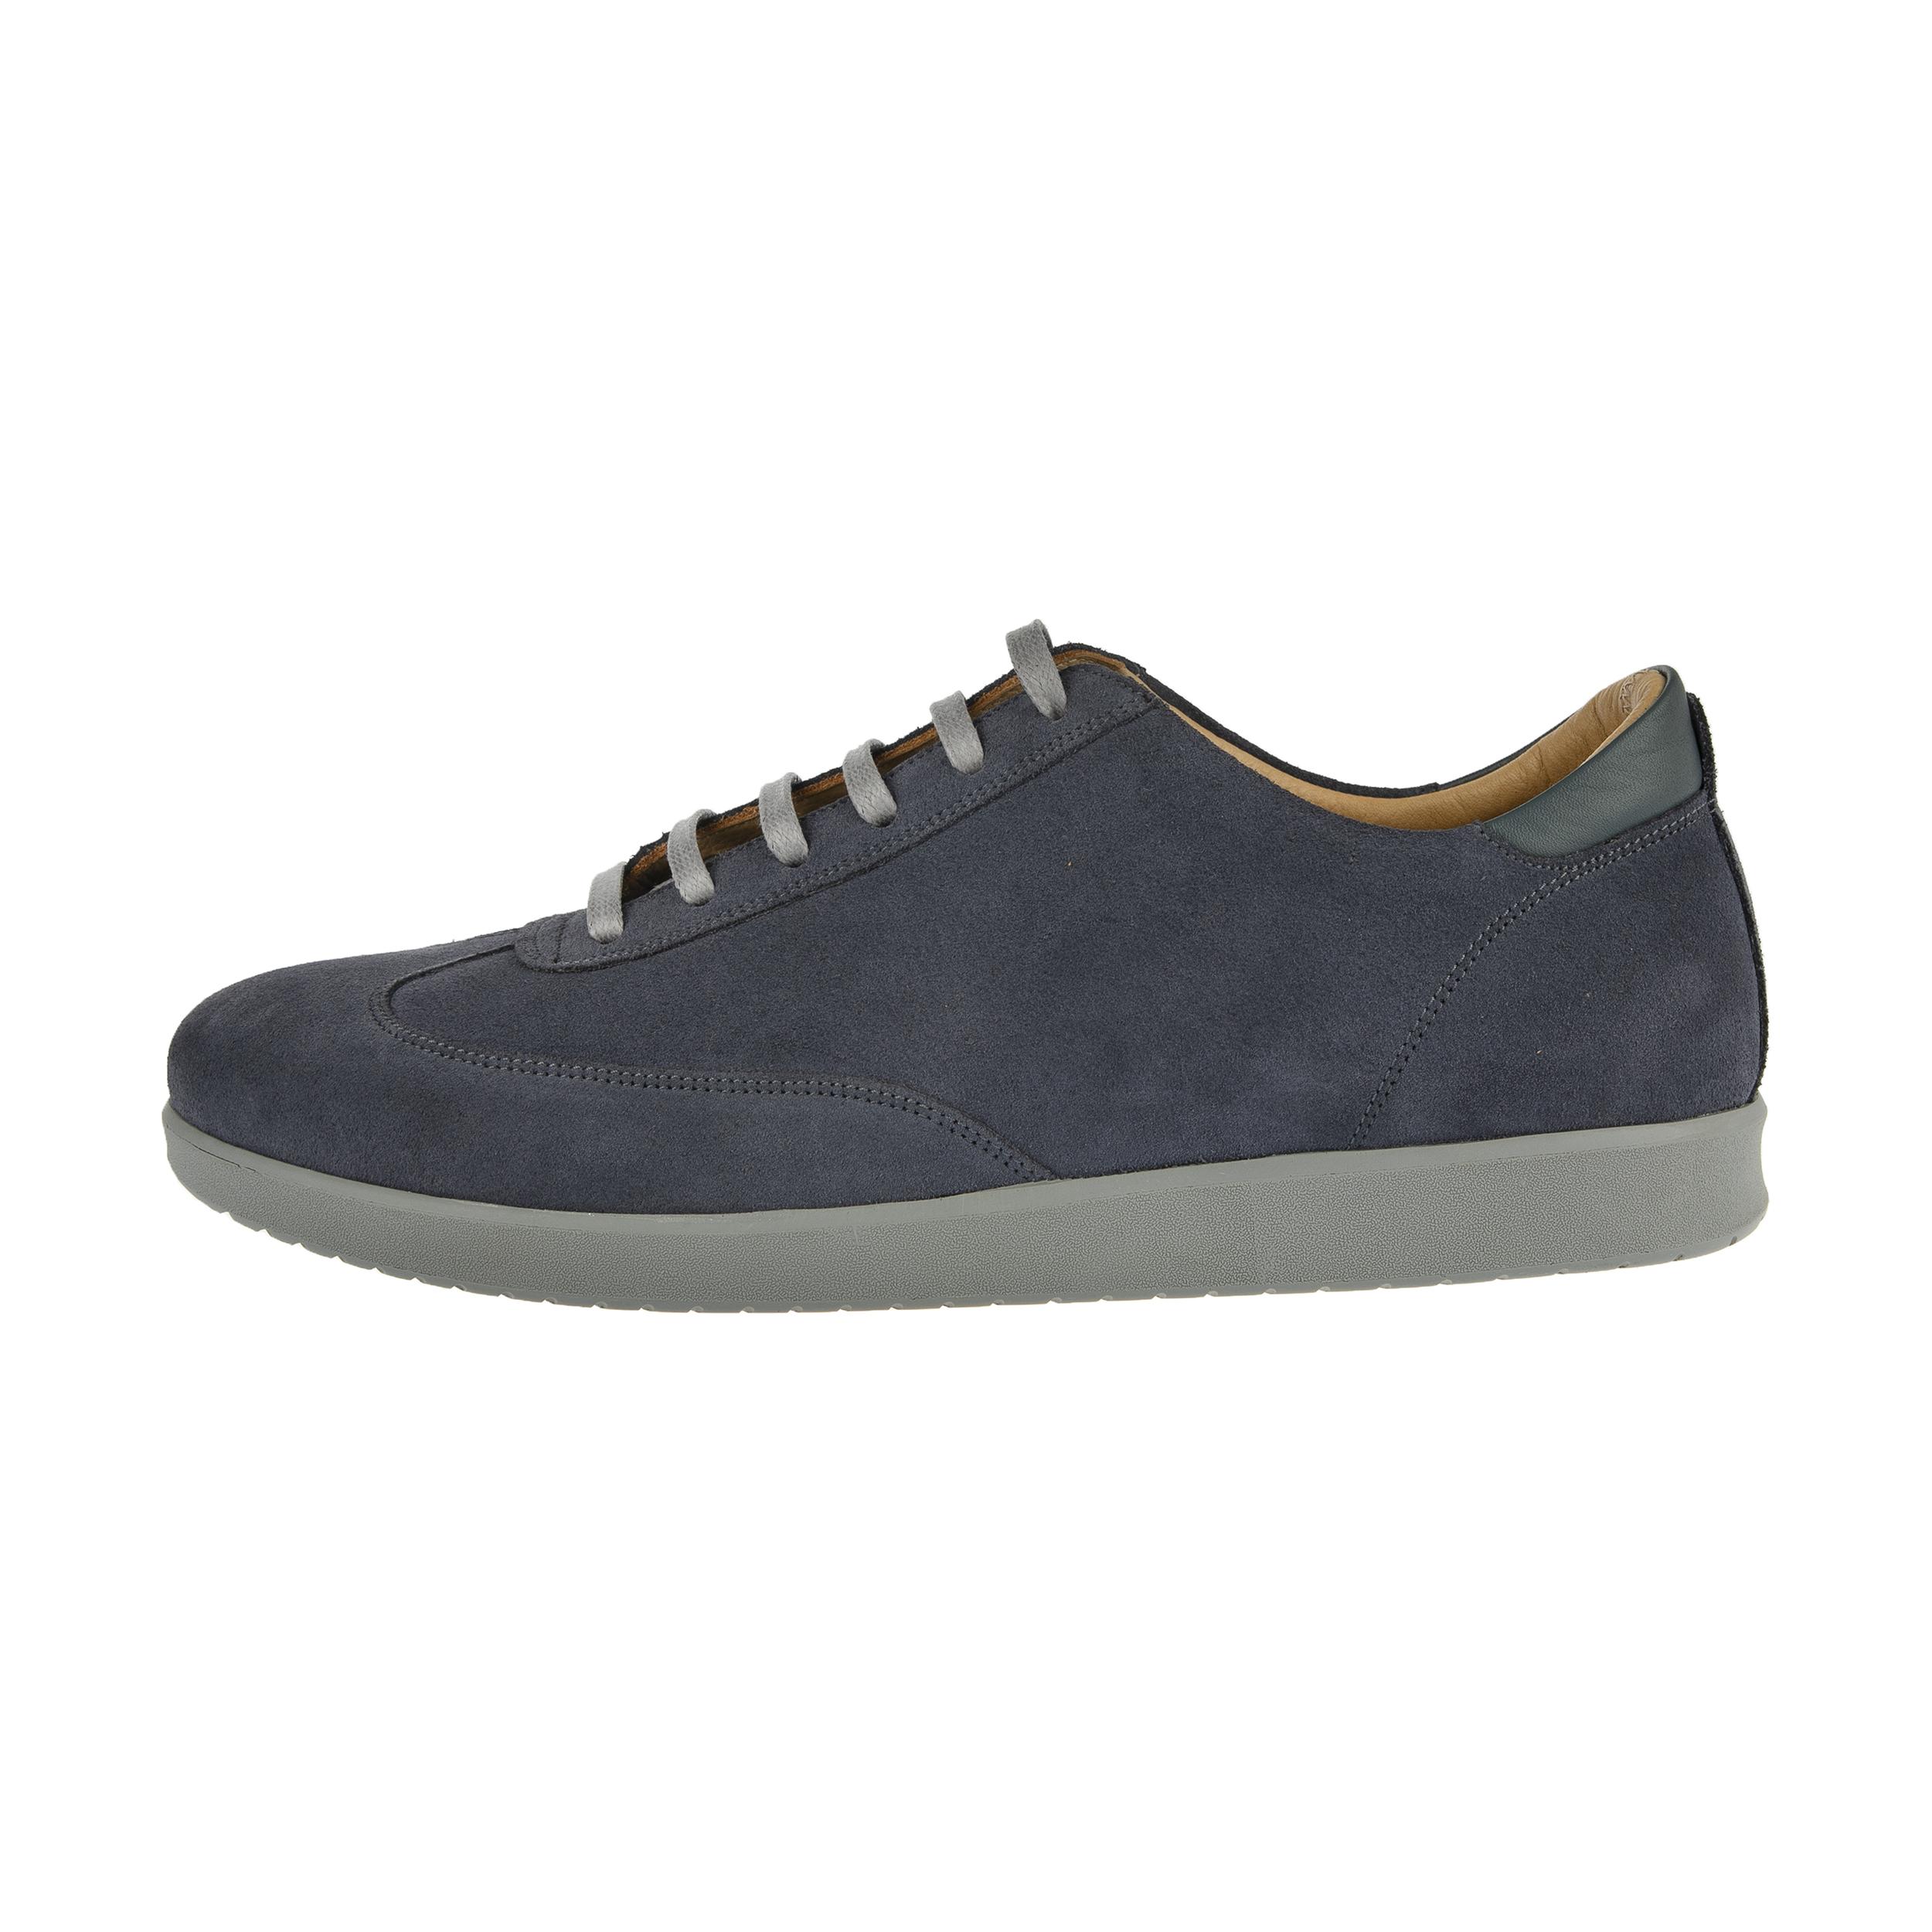 کفش روزمره مردانه برتونیکس مدل 109-046